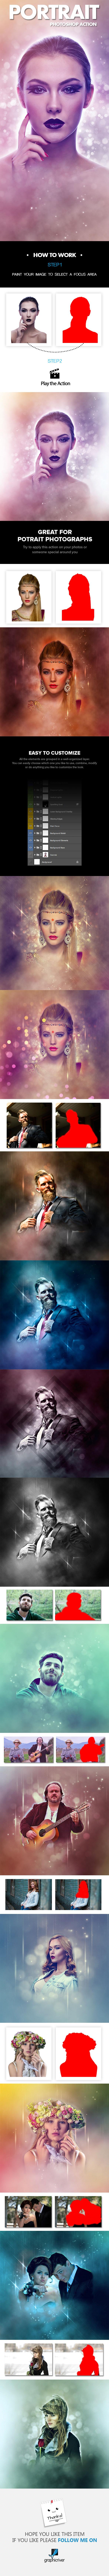 GraphicRiver Portrait Photoshop Action 20597470